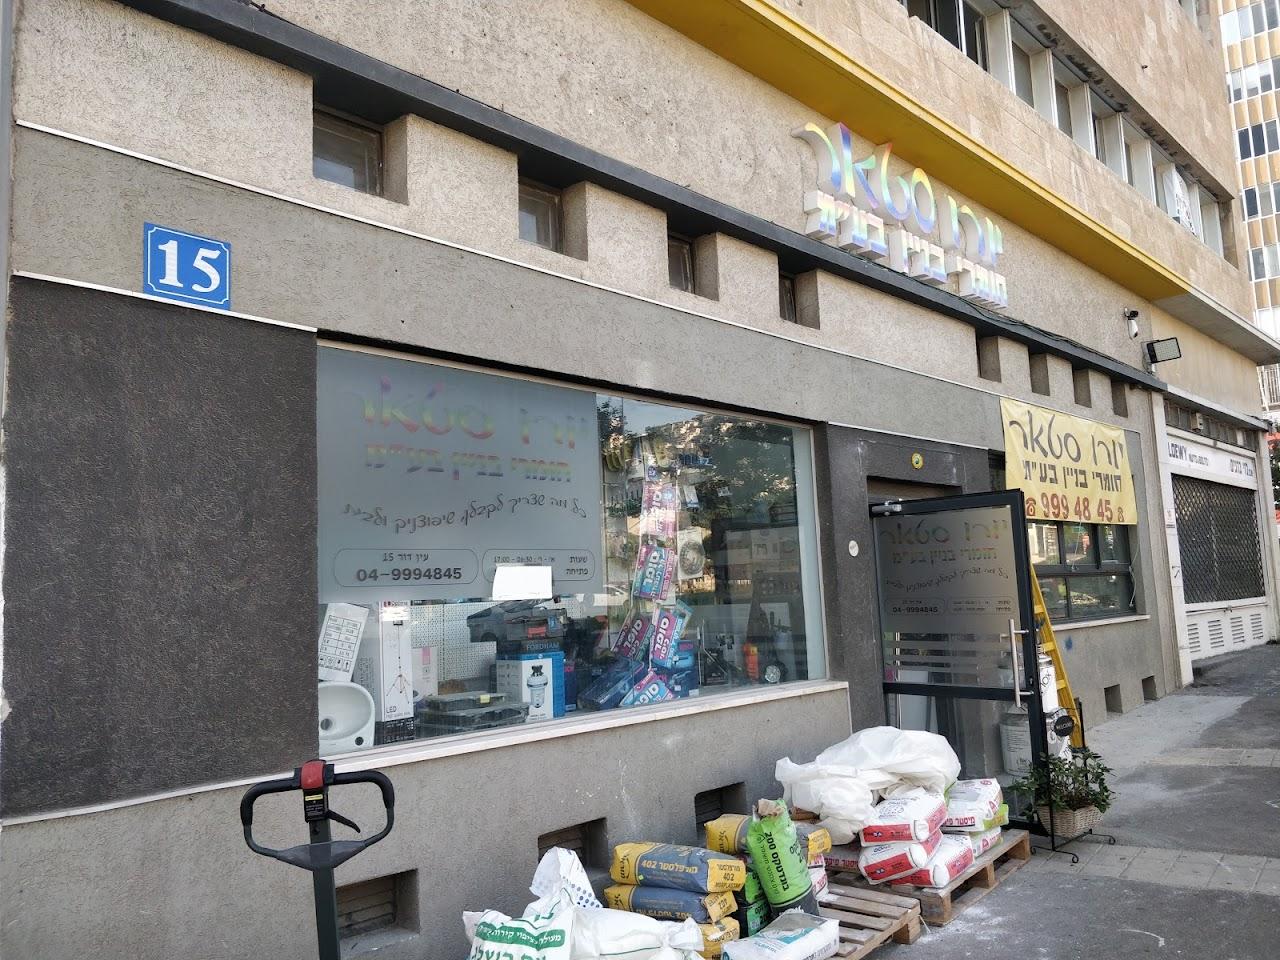 מדהים יורו סטאר - עין דור 15, חיפה - חנות חומרי בניין - איזי ZK-31